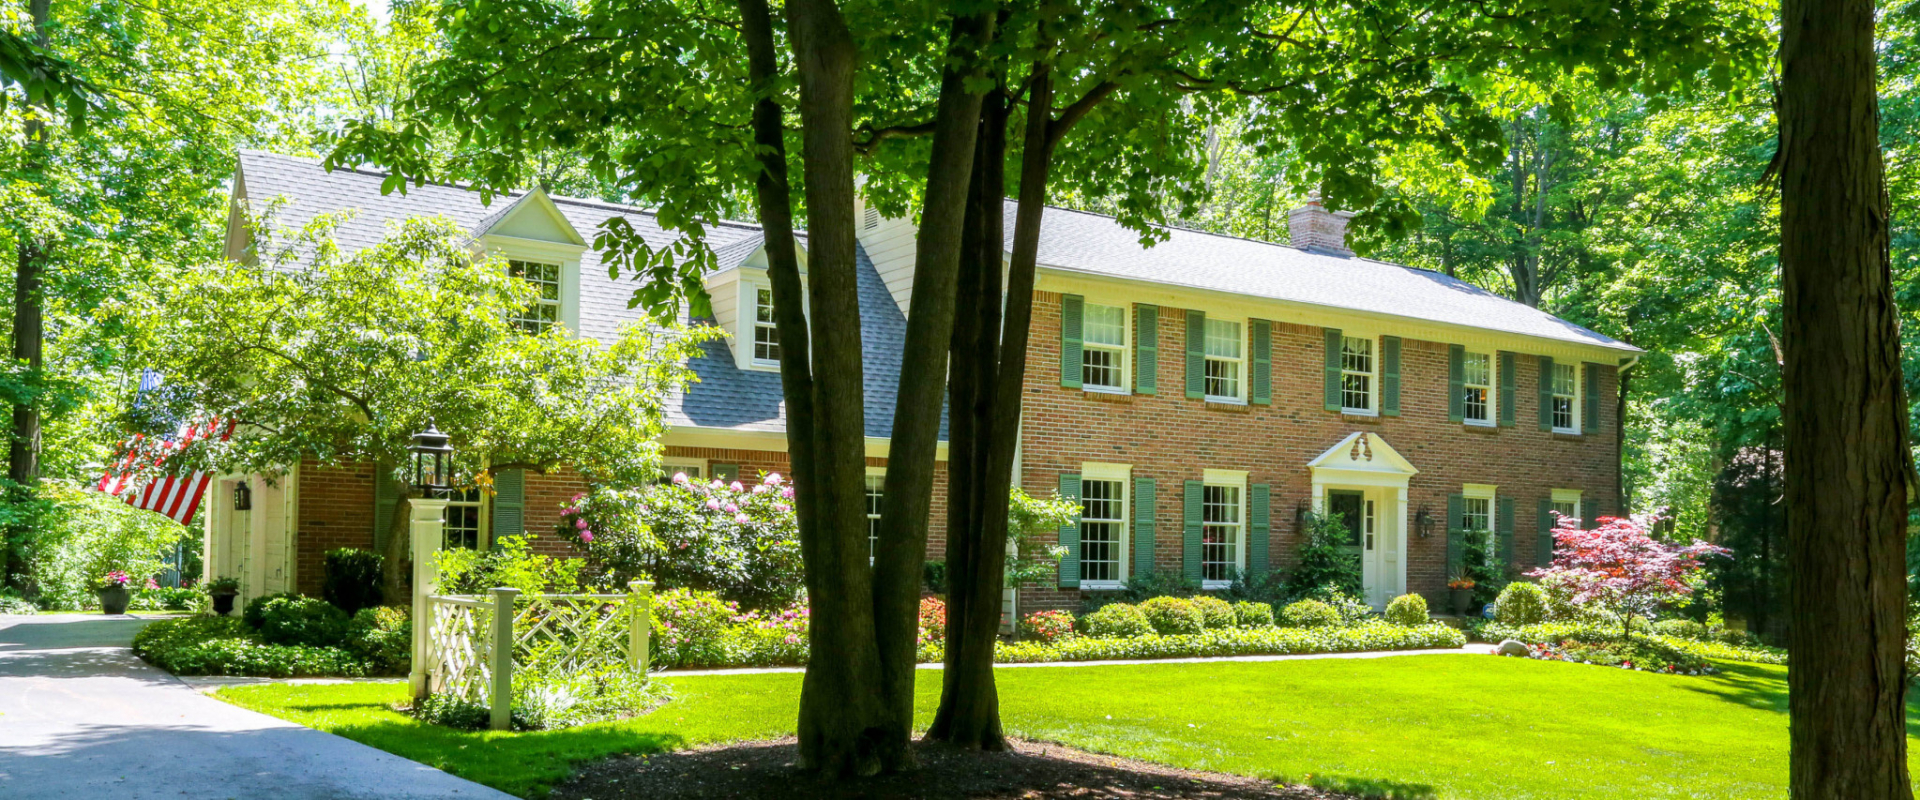 36 Cherry Tree Lane, Orchard Park, NY 14127